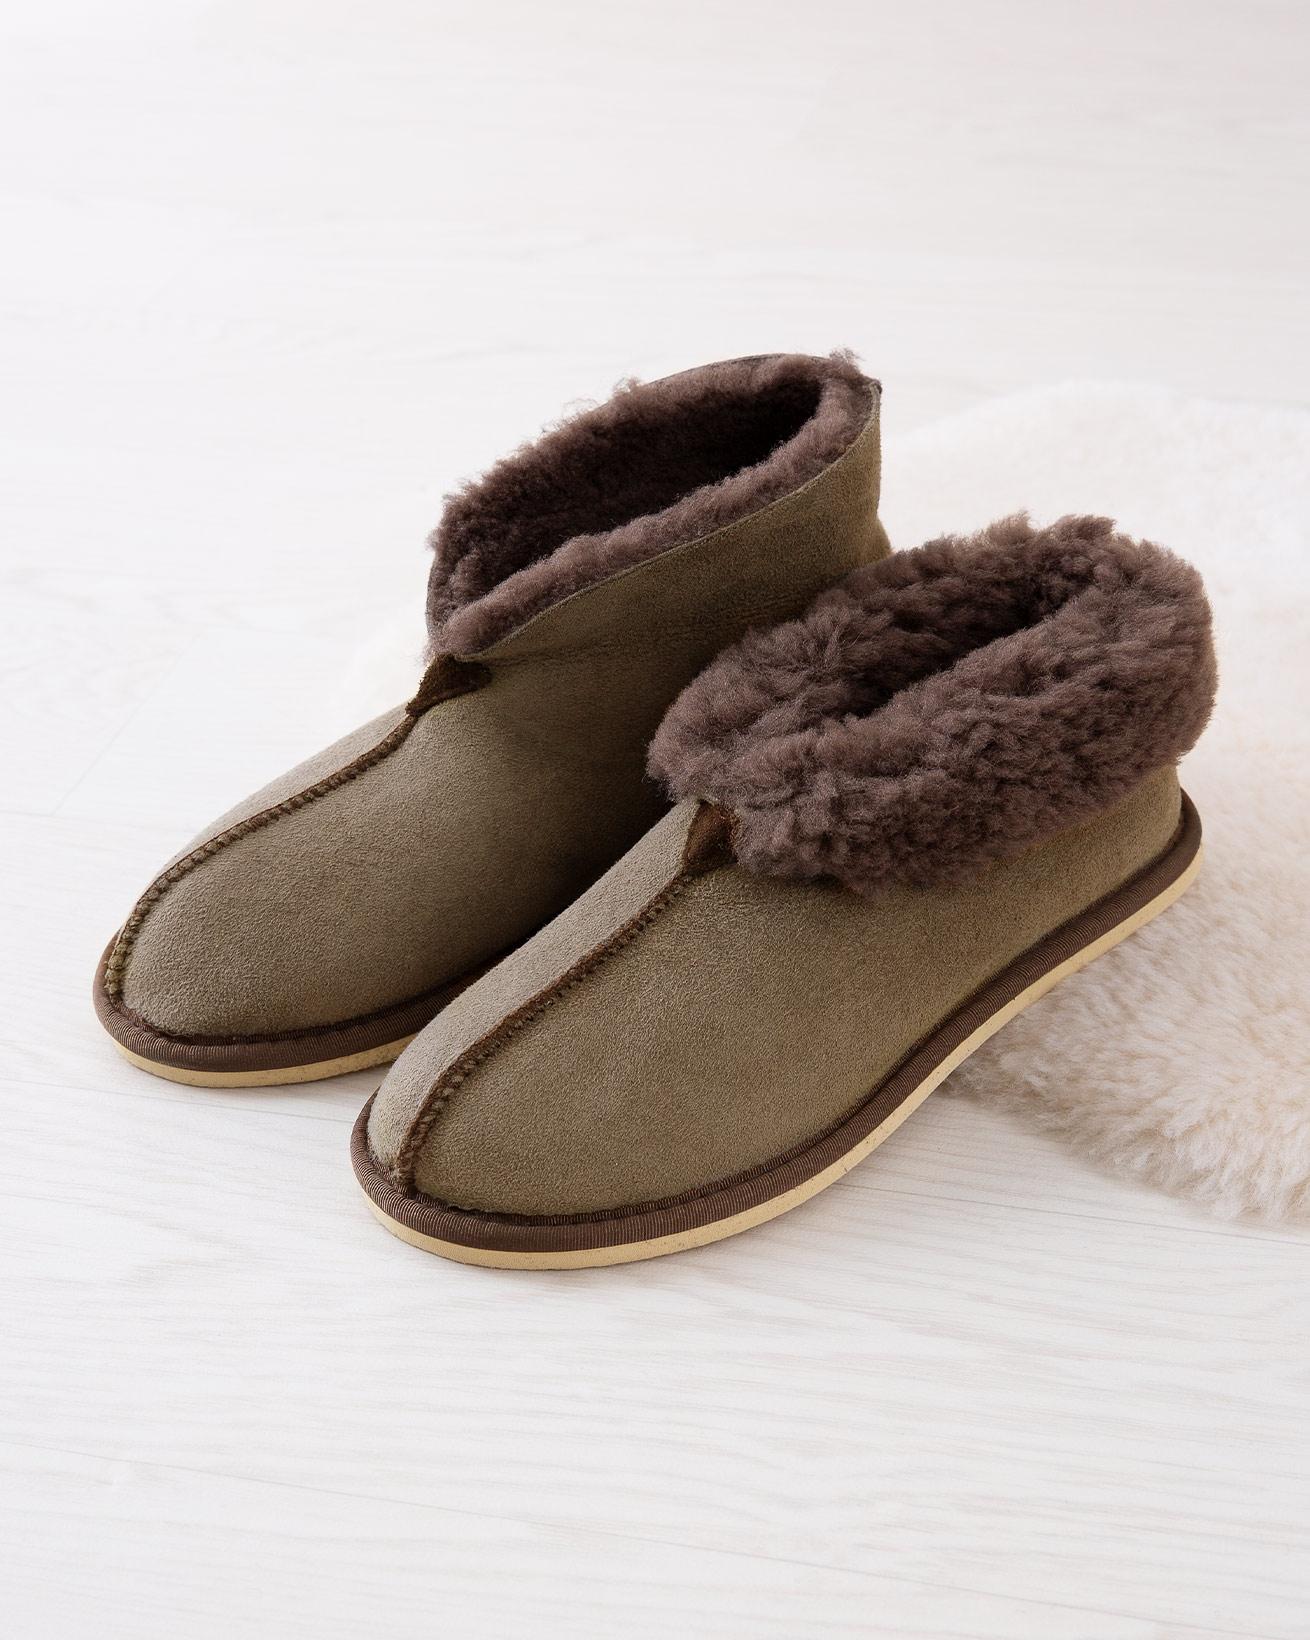 Ladies Sheepskin Bootee Slipper - Vole - Size 4 - 2487